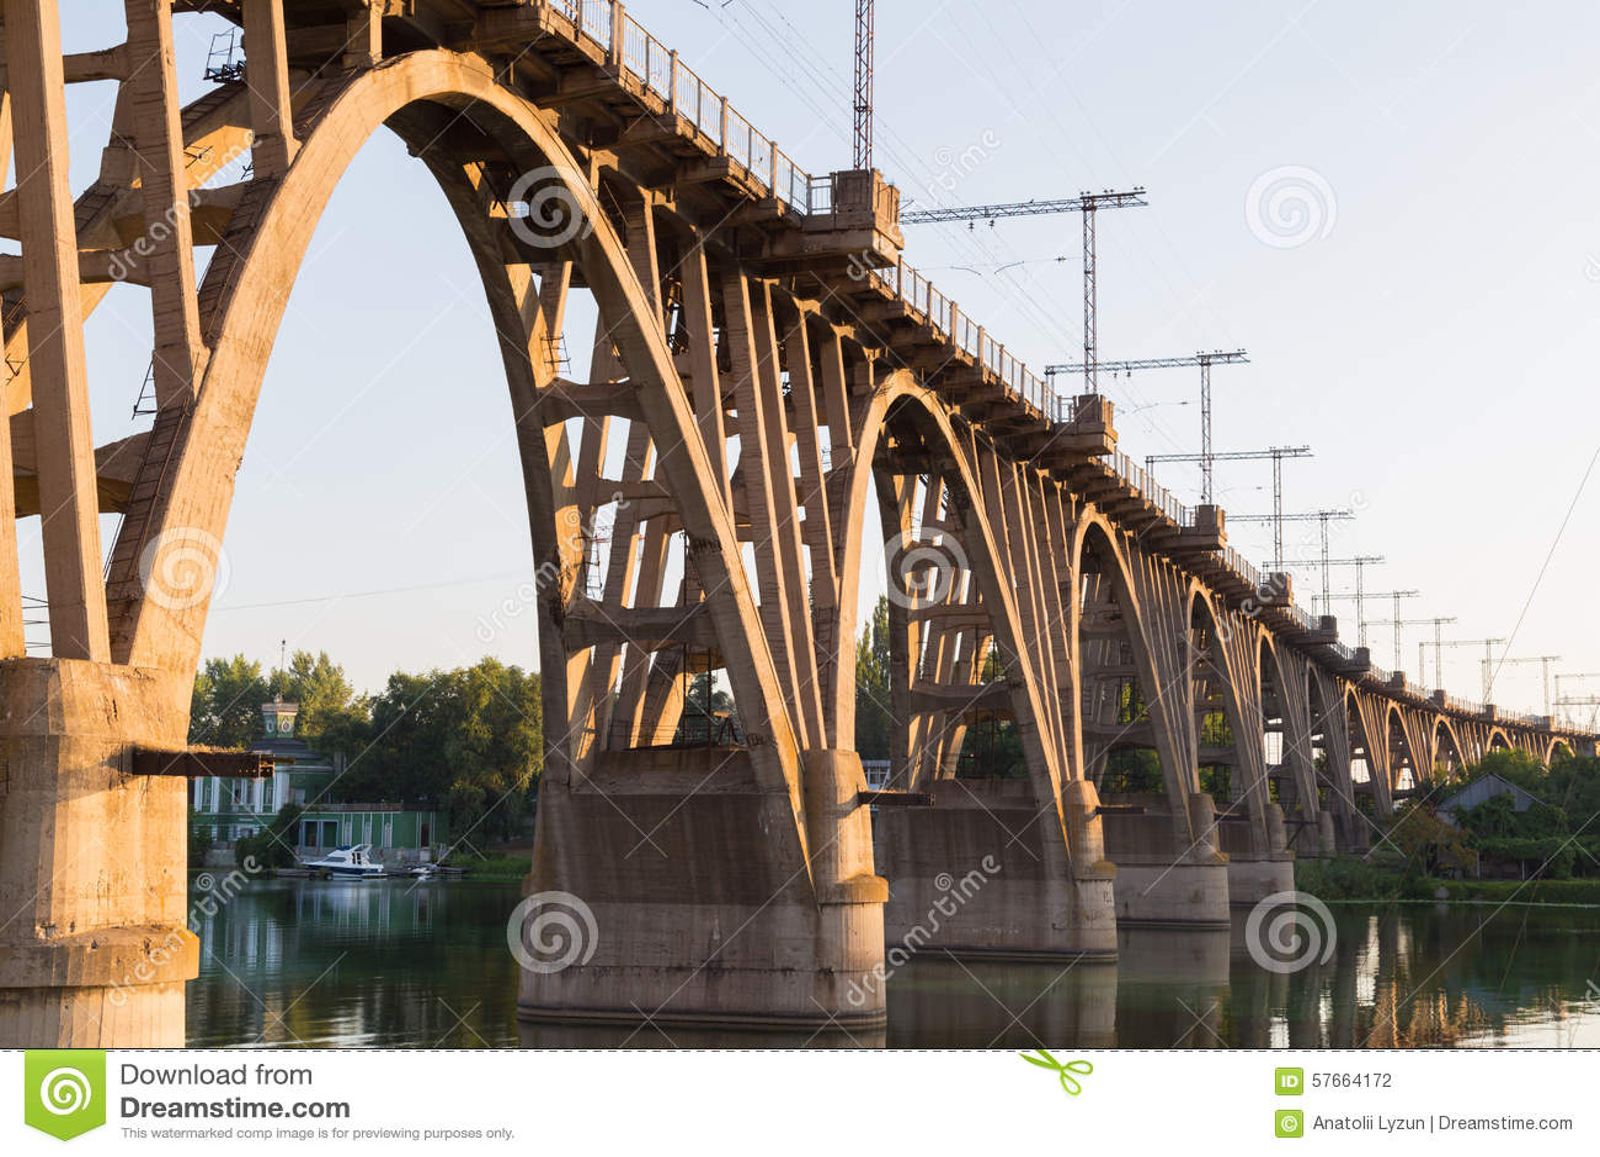 Stary wyginający się kolejowy most nad rzeczny Zaporoskim dnepropetrovsk